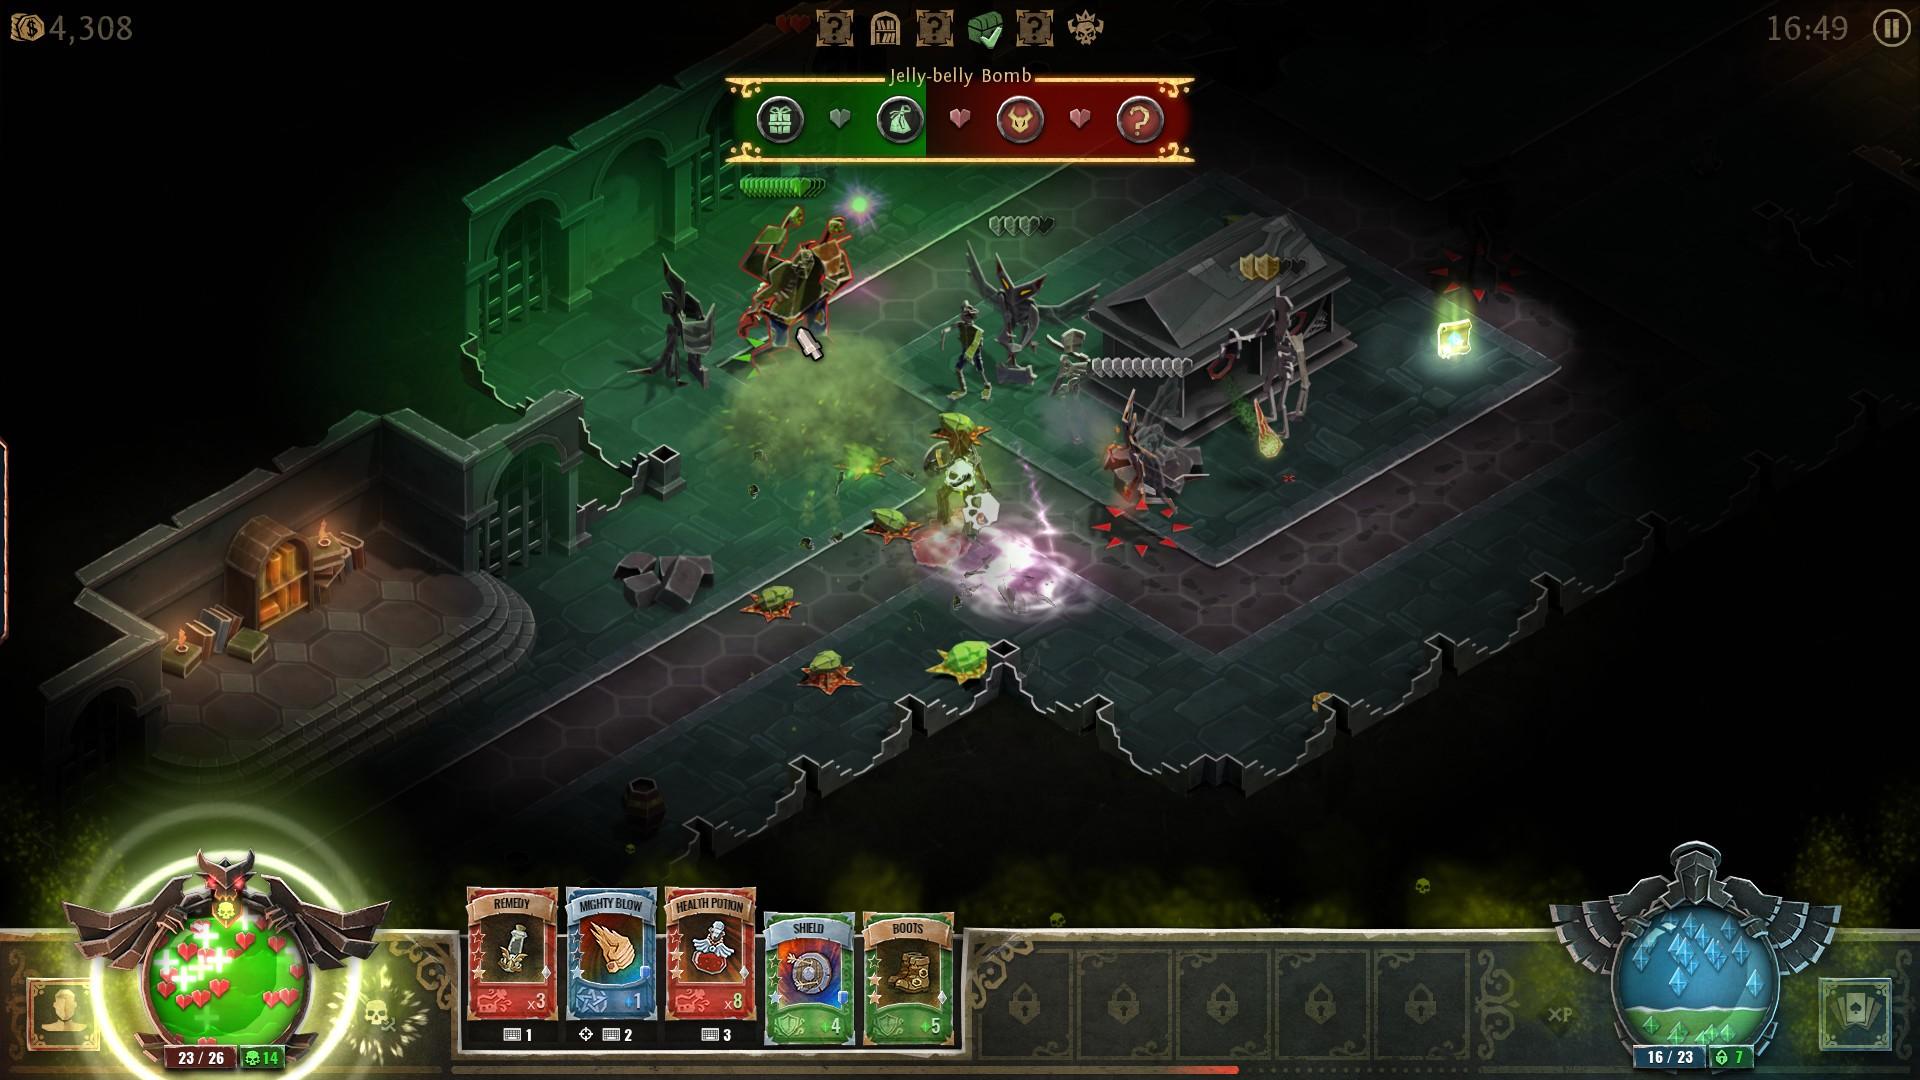 Book of Demons Screenshot 3